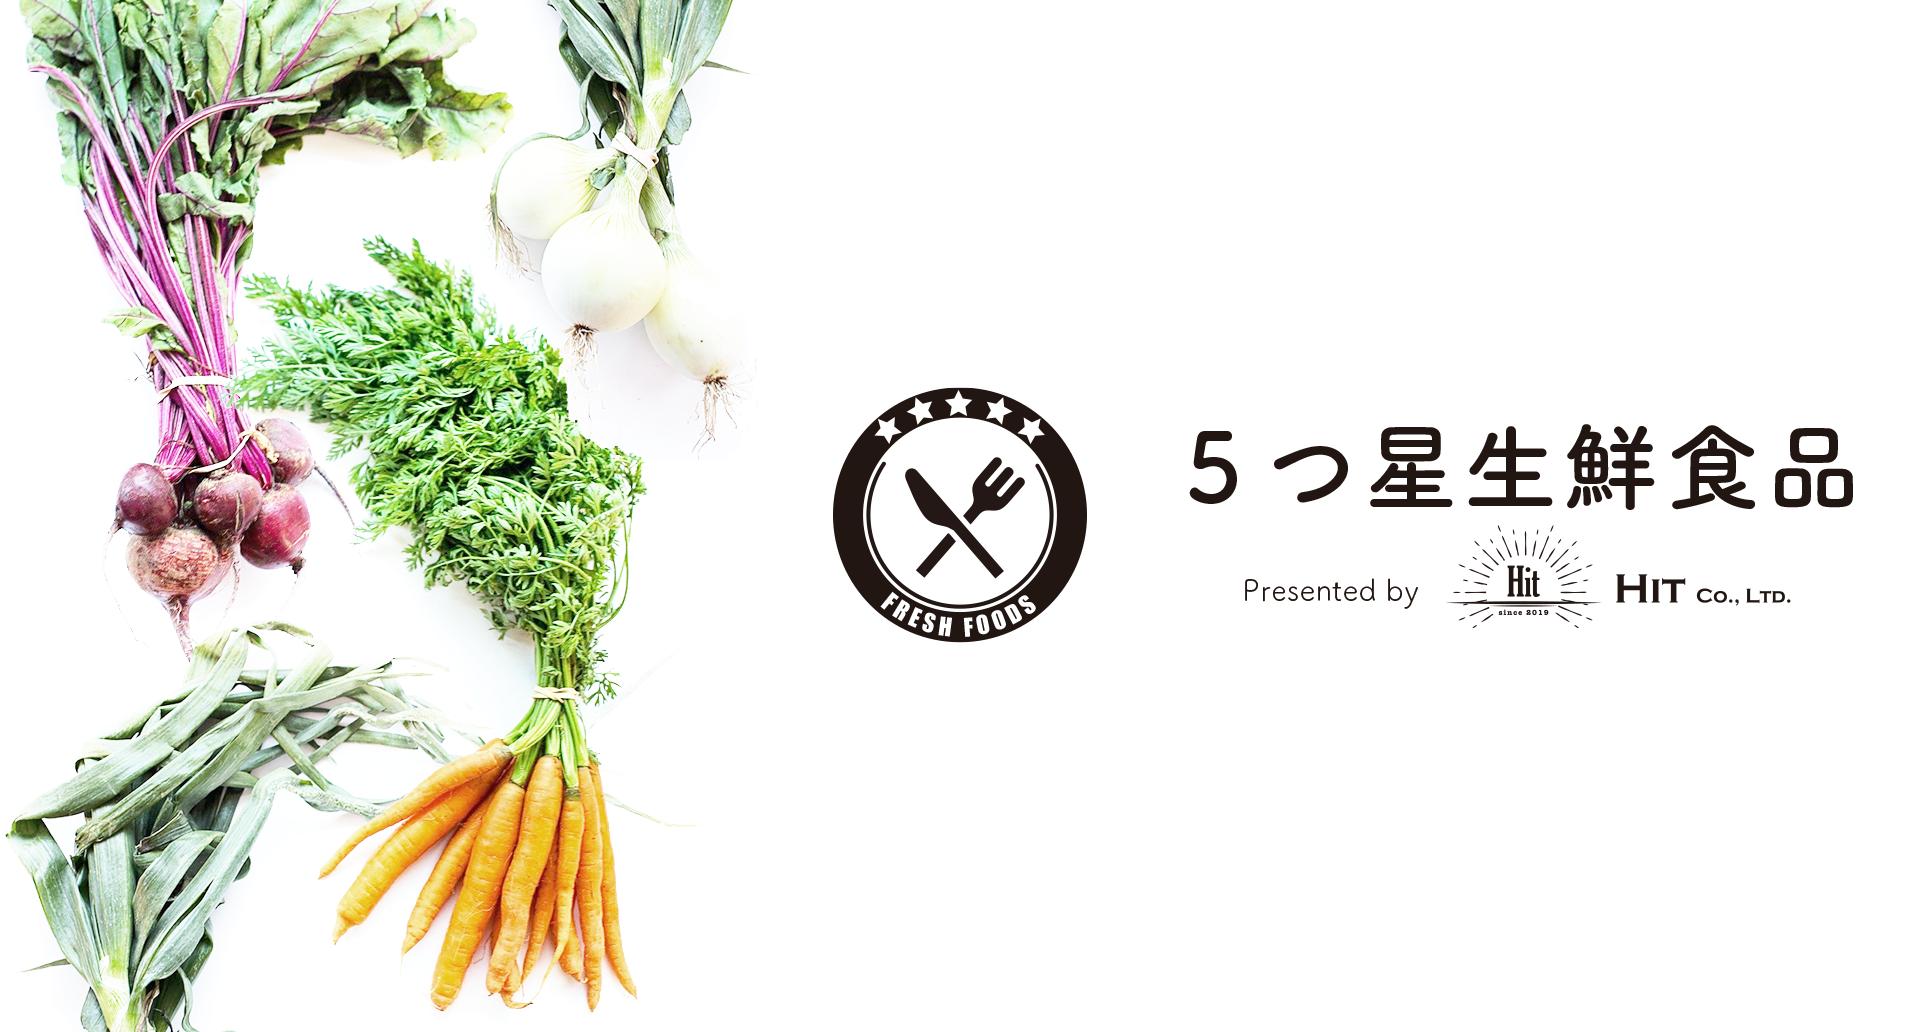 5つ星生鮮食品 <鎌倉野菜 通販>